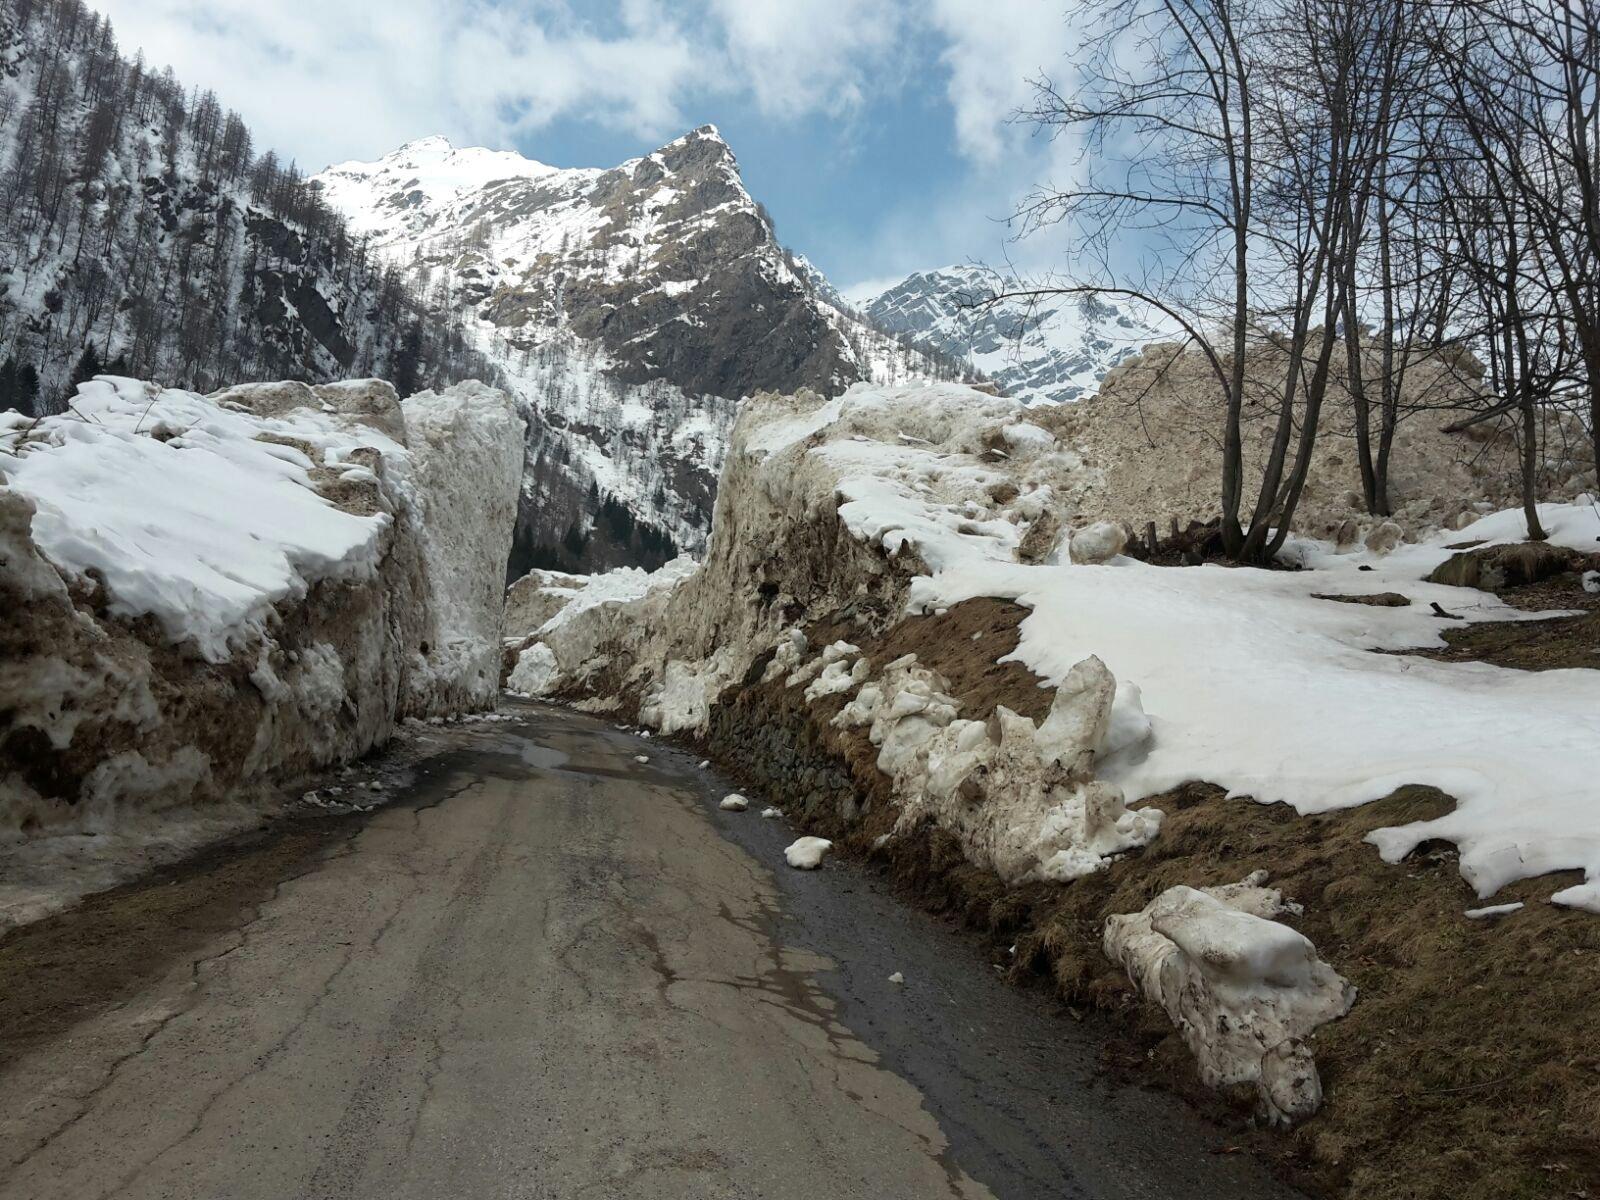 nuovamente aperto il varco nella valanga prima del paese dopo l'ultima nevicata